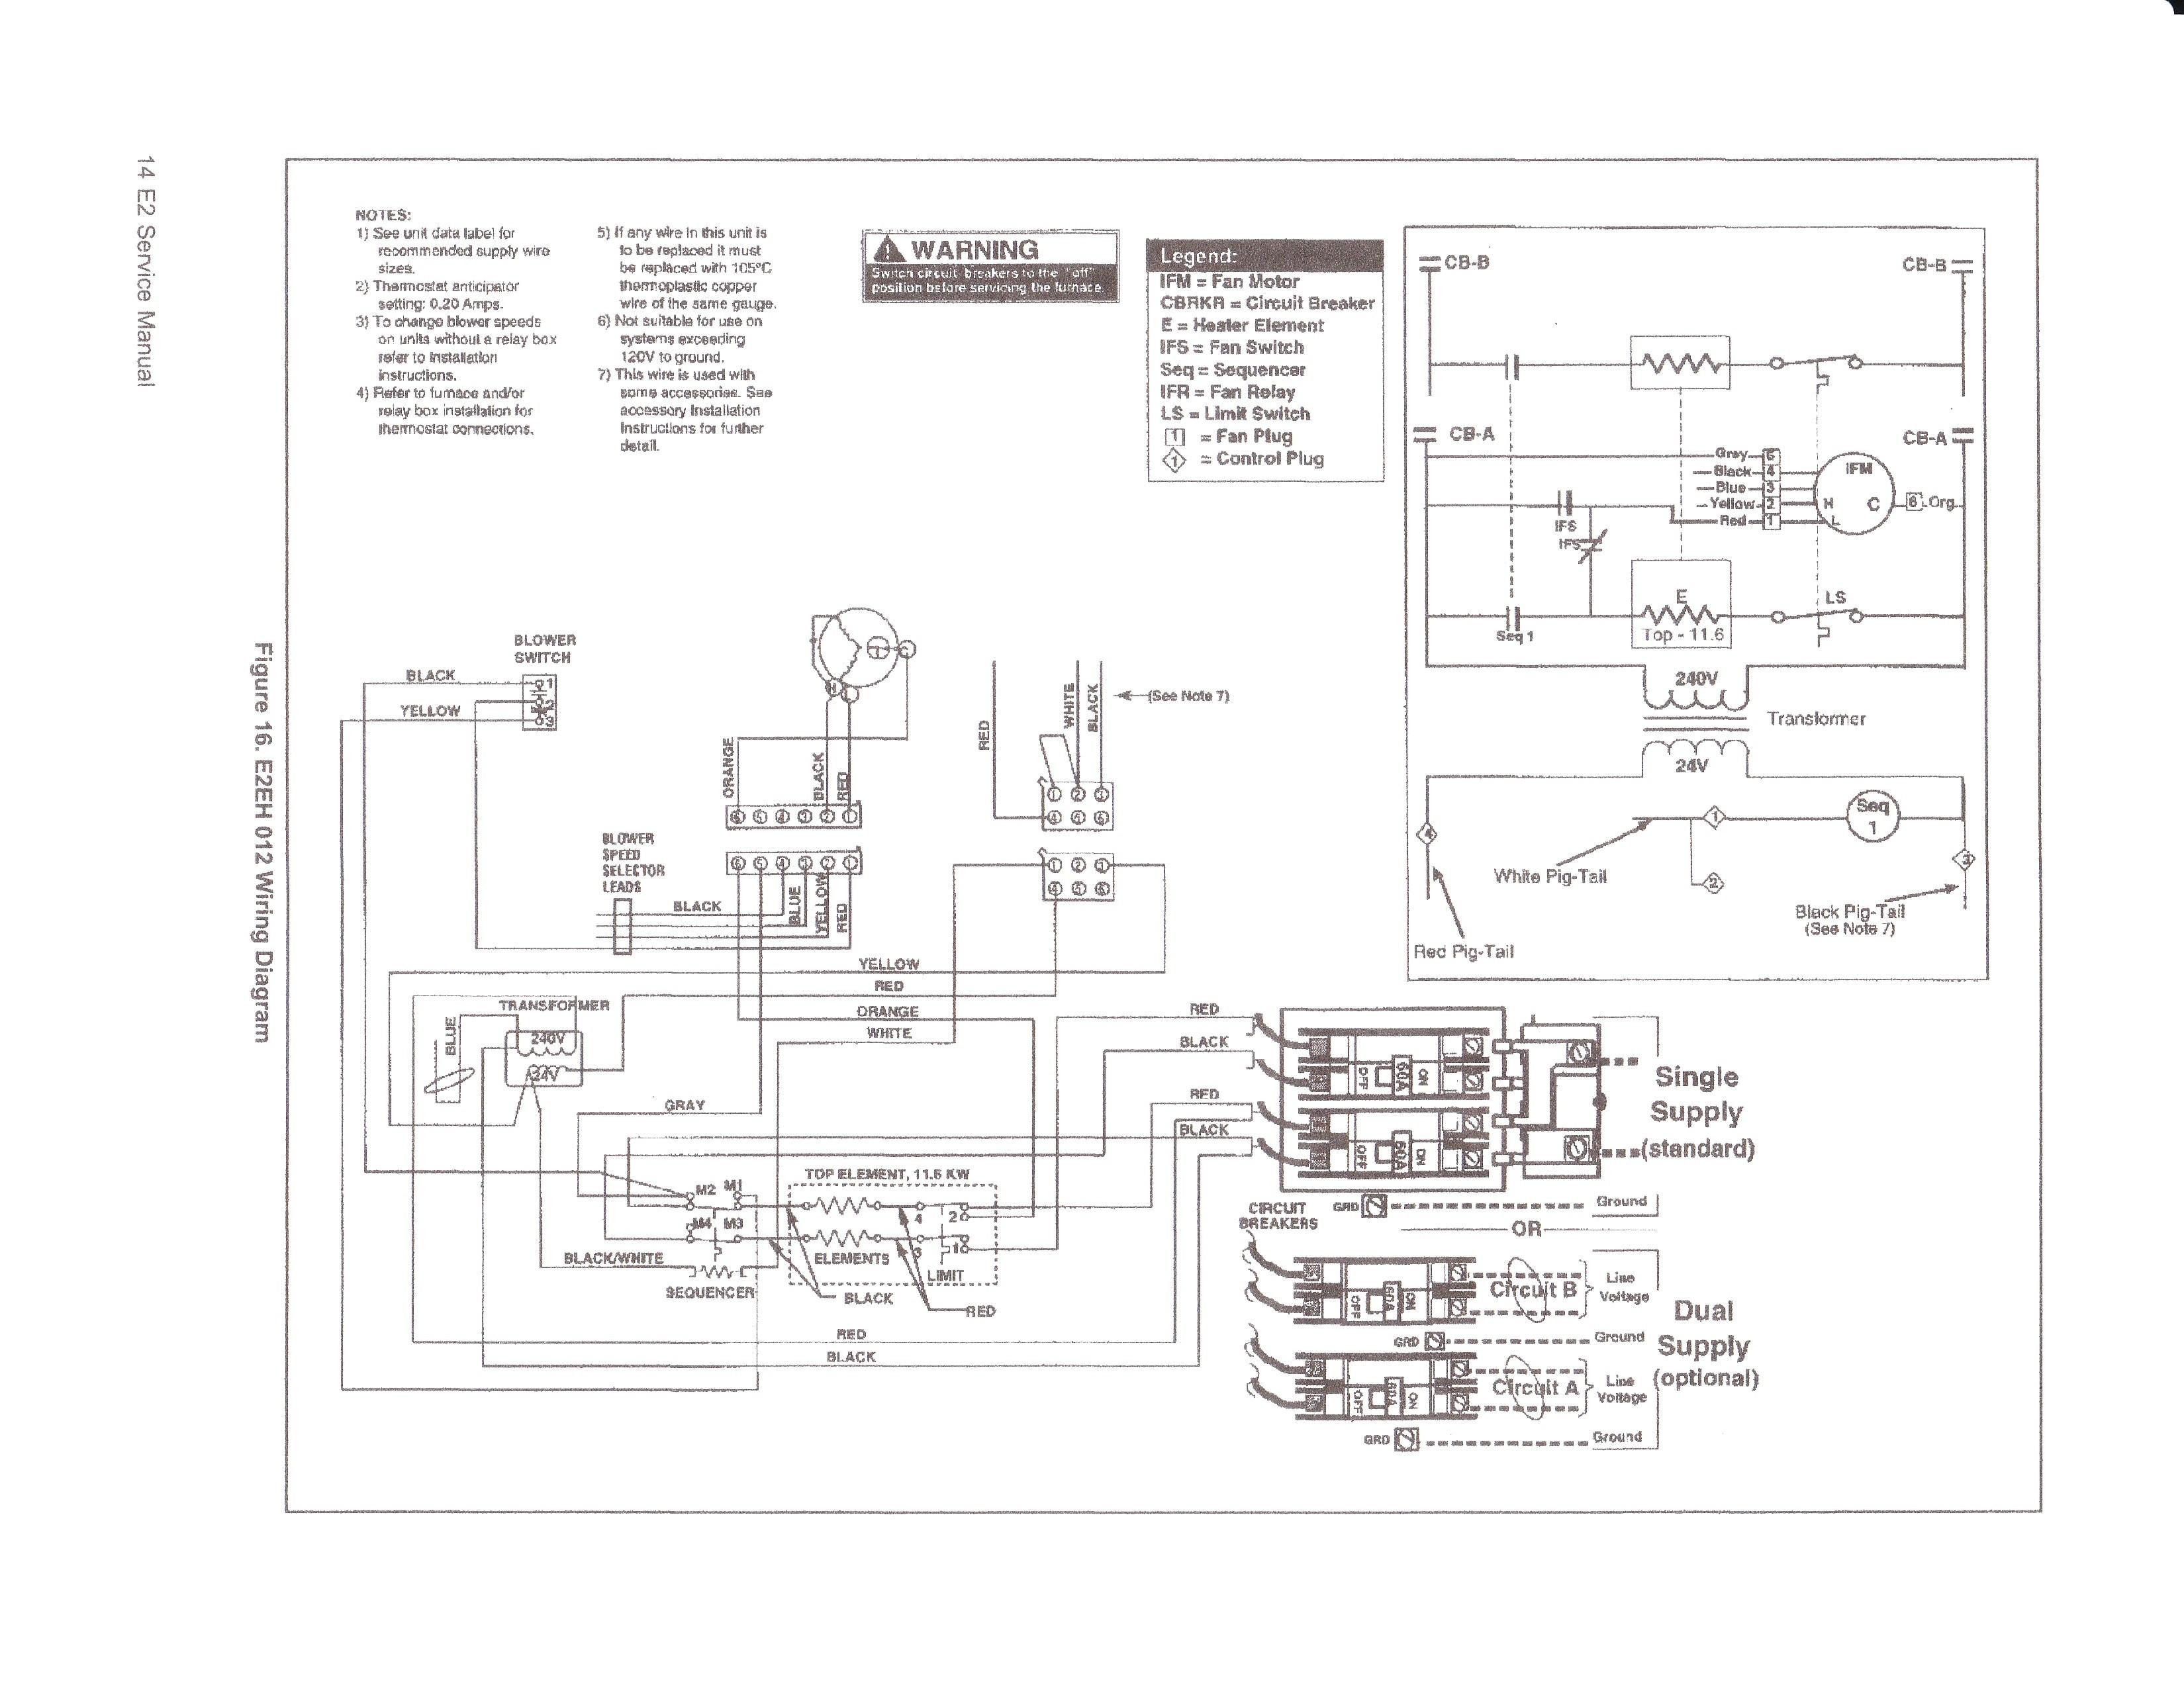 Maunal Handling Training Ni Wiring Diagram